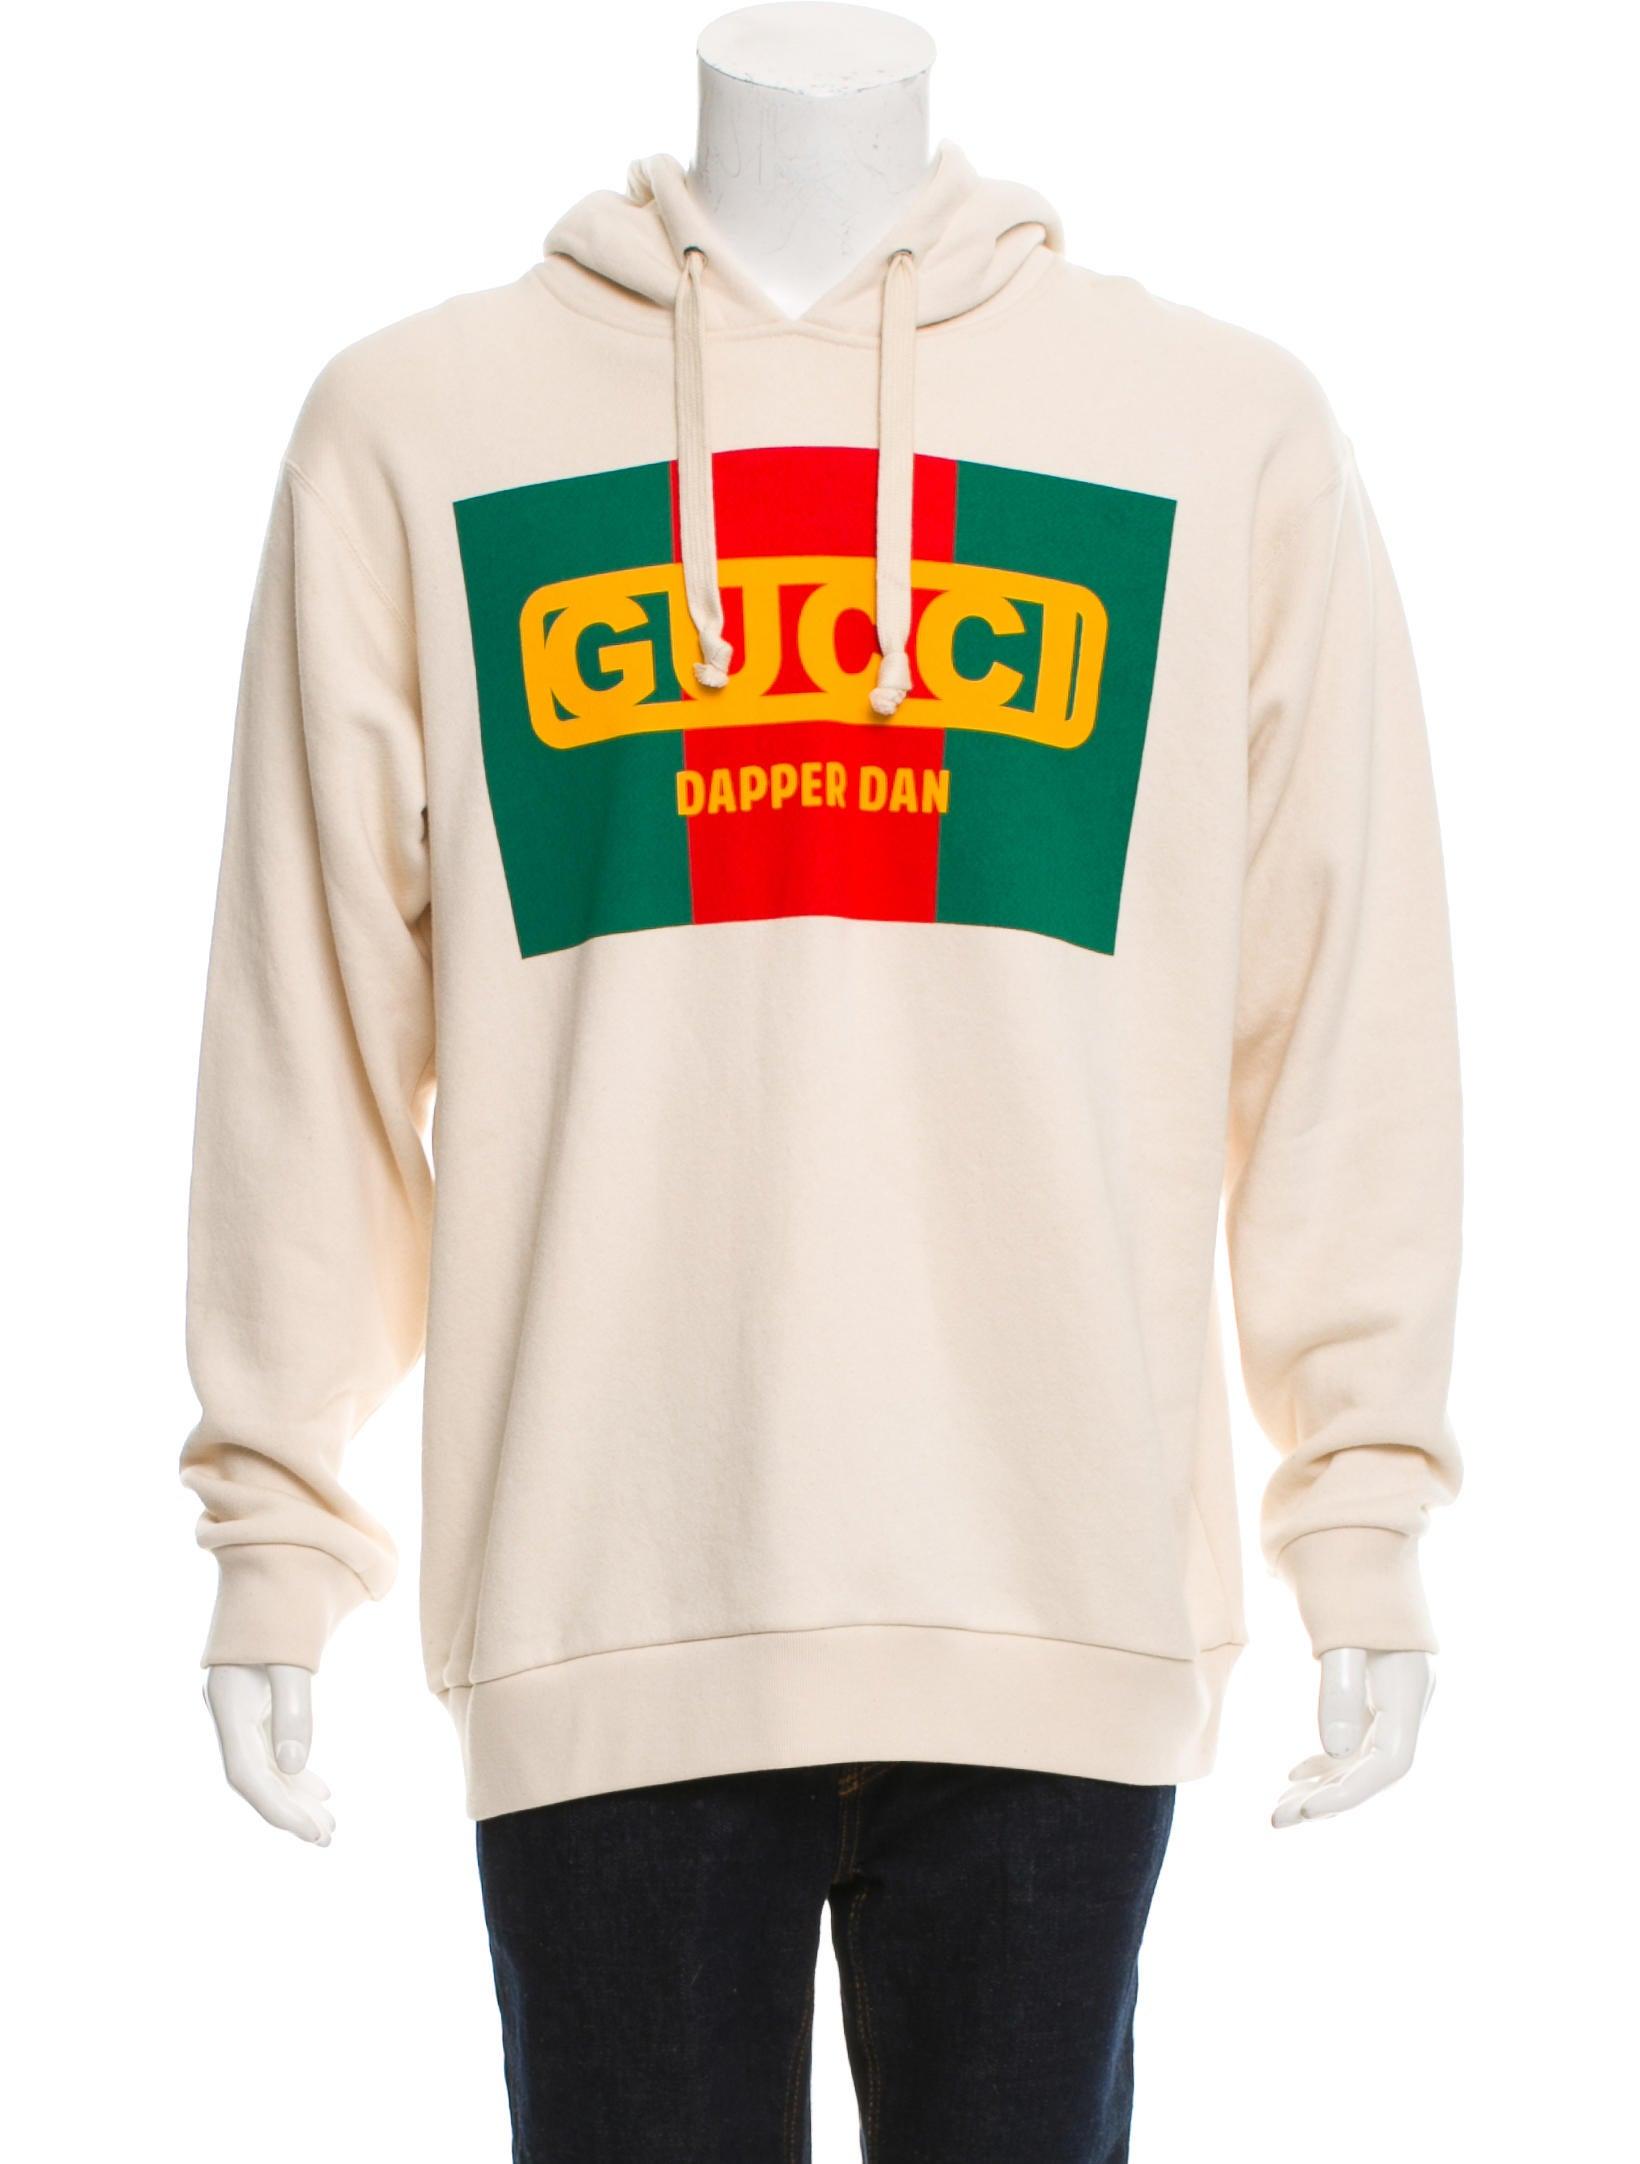 da1dd6625b2 Gucci Dapper Dan Logo Sweatshirt - Clothing - GUC210482